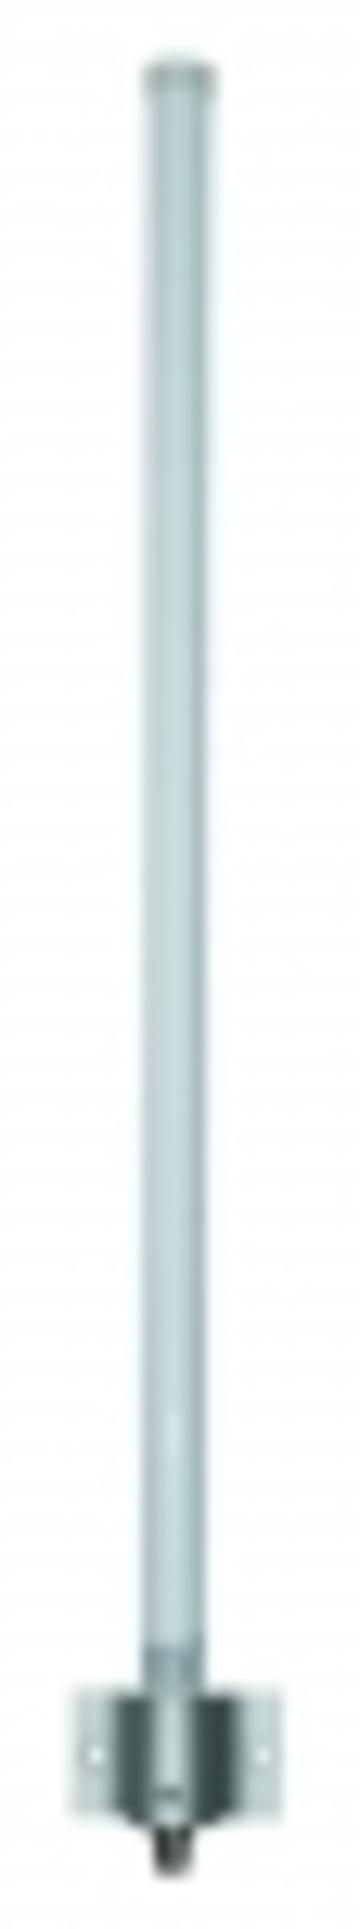 Антенна АКМ-868 СПДП.301318.001-01